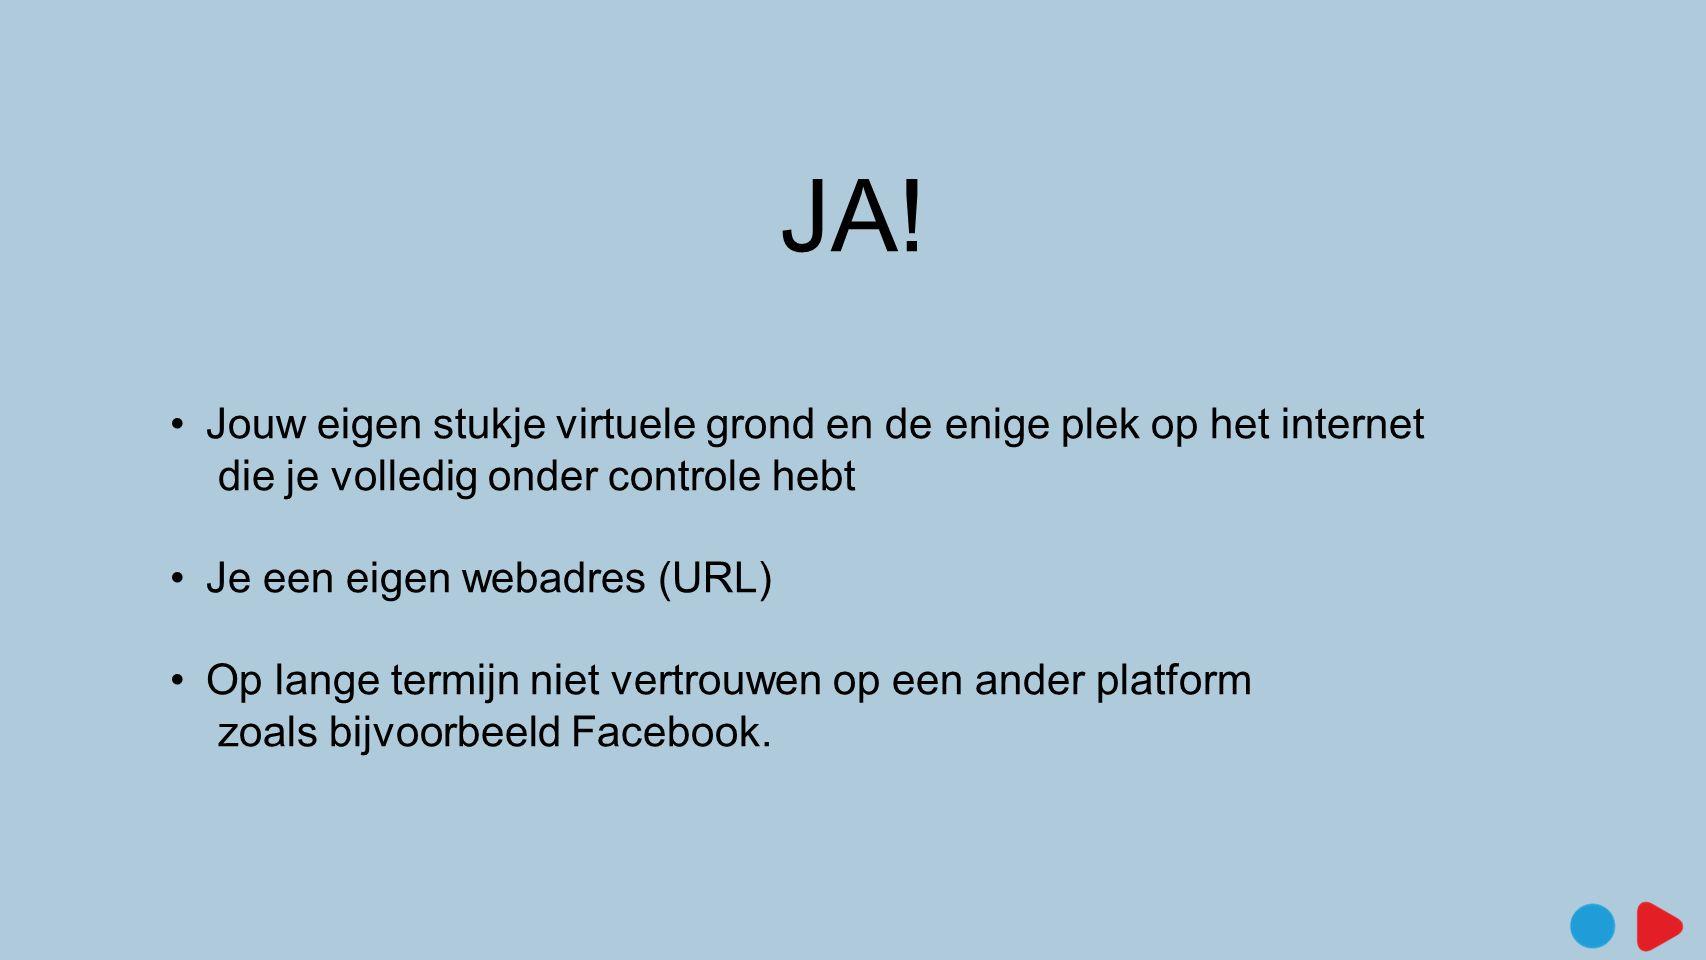 JA! •Jouw eigen stukje virtuele grond en de enige plek op het internet die je volledig onder controle hebt •Je een eigen webadres (URL) •Op lange term